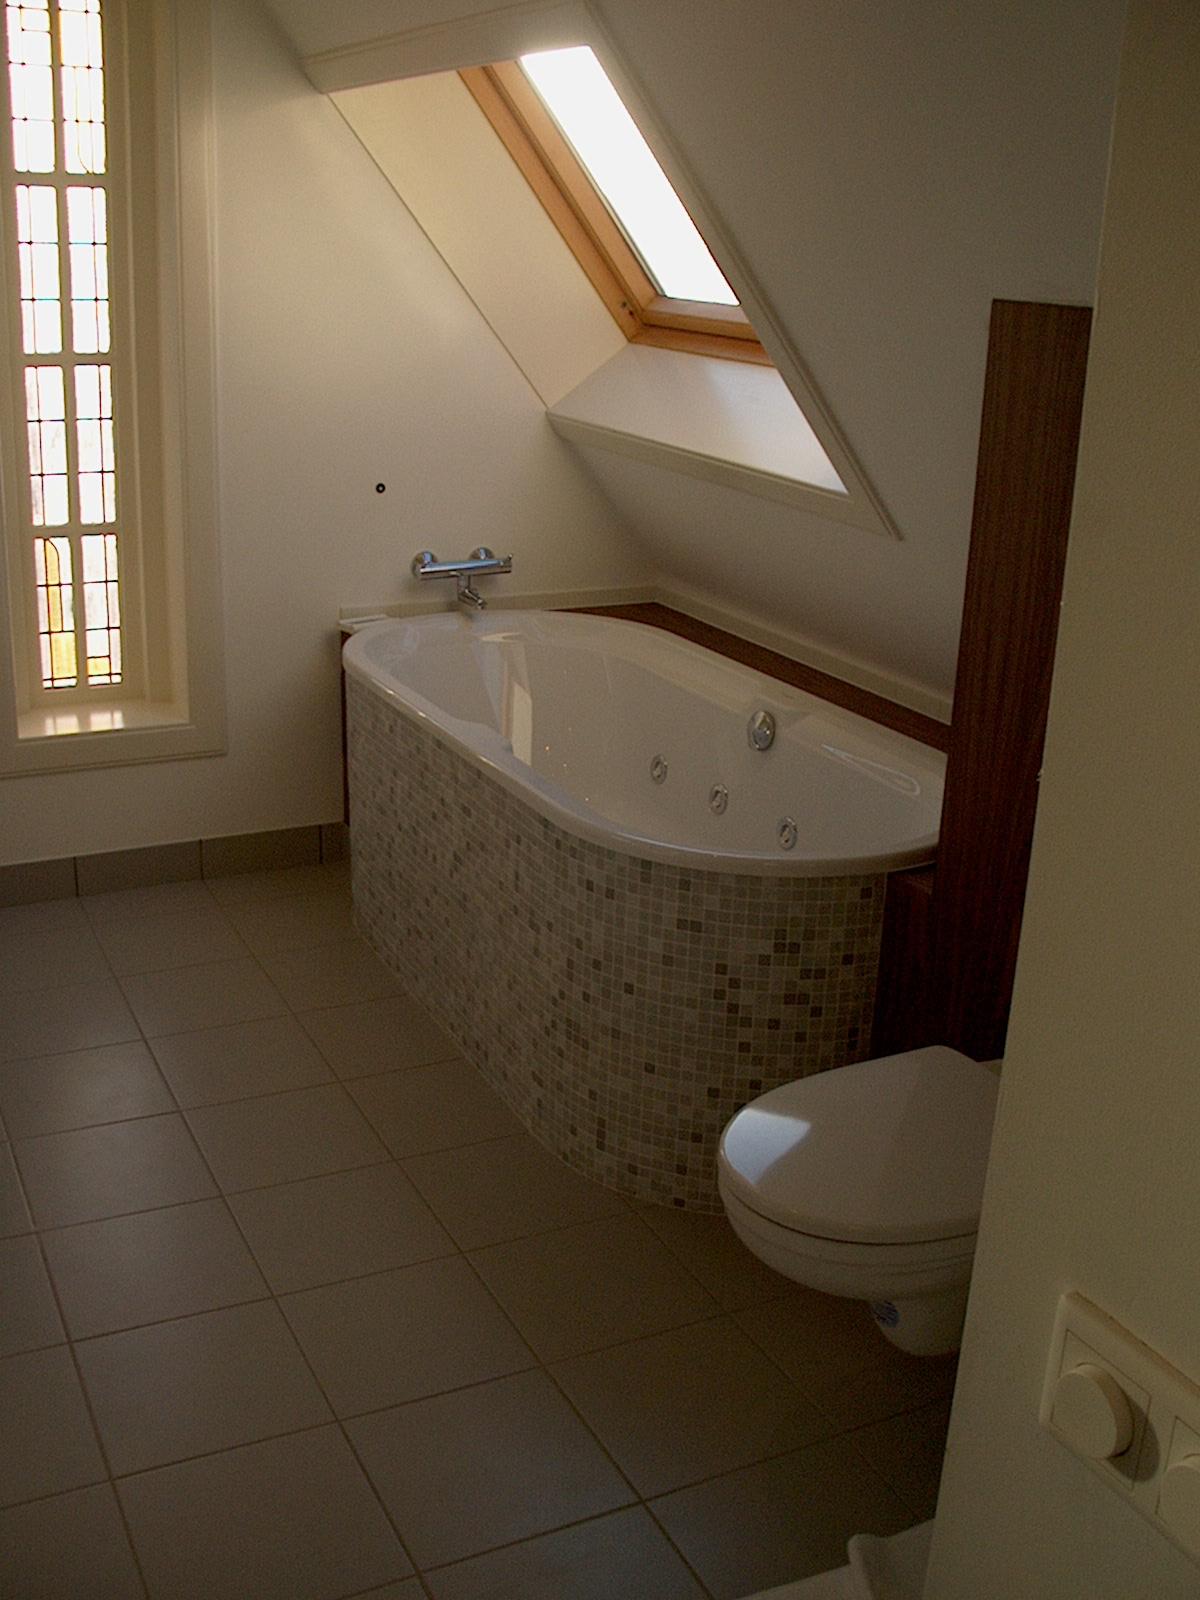 Stefan van der brugge renovatie en onderhoud - Badkamers